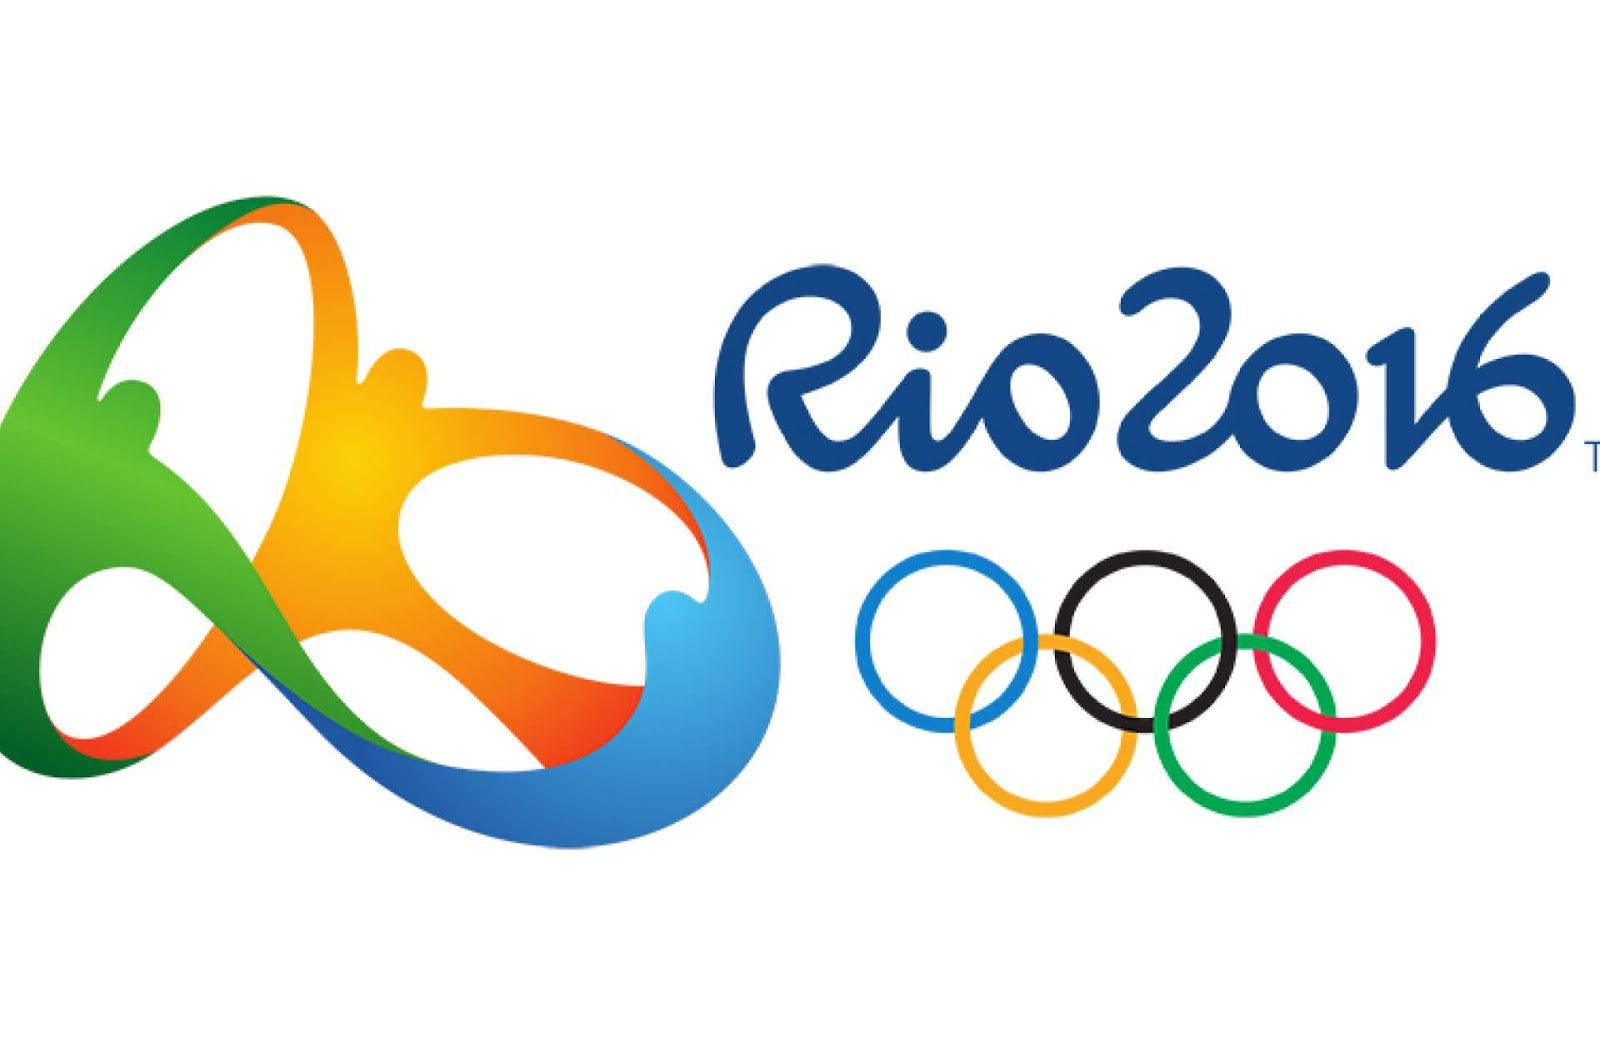 OLÍMPIADAS DO RIO 2016